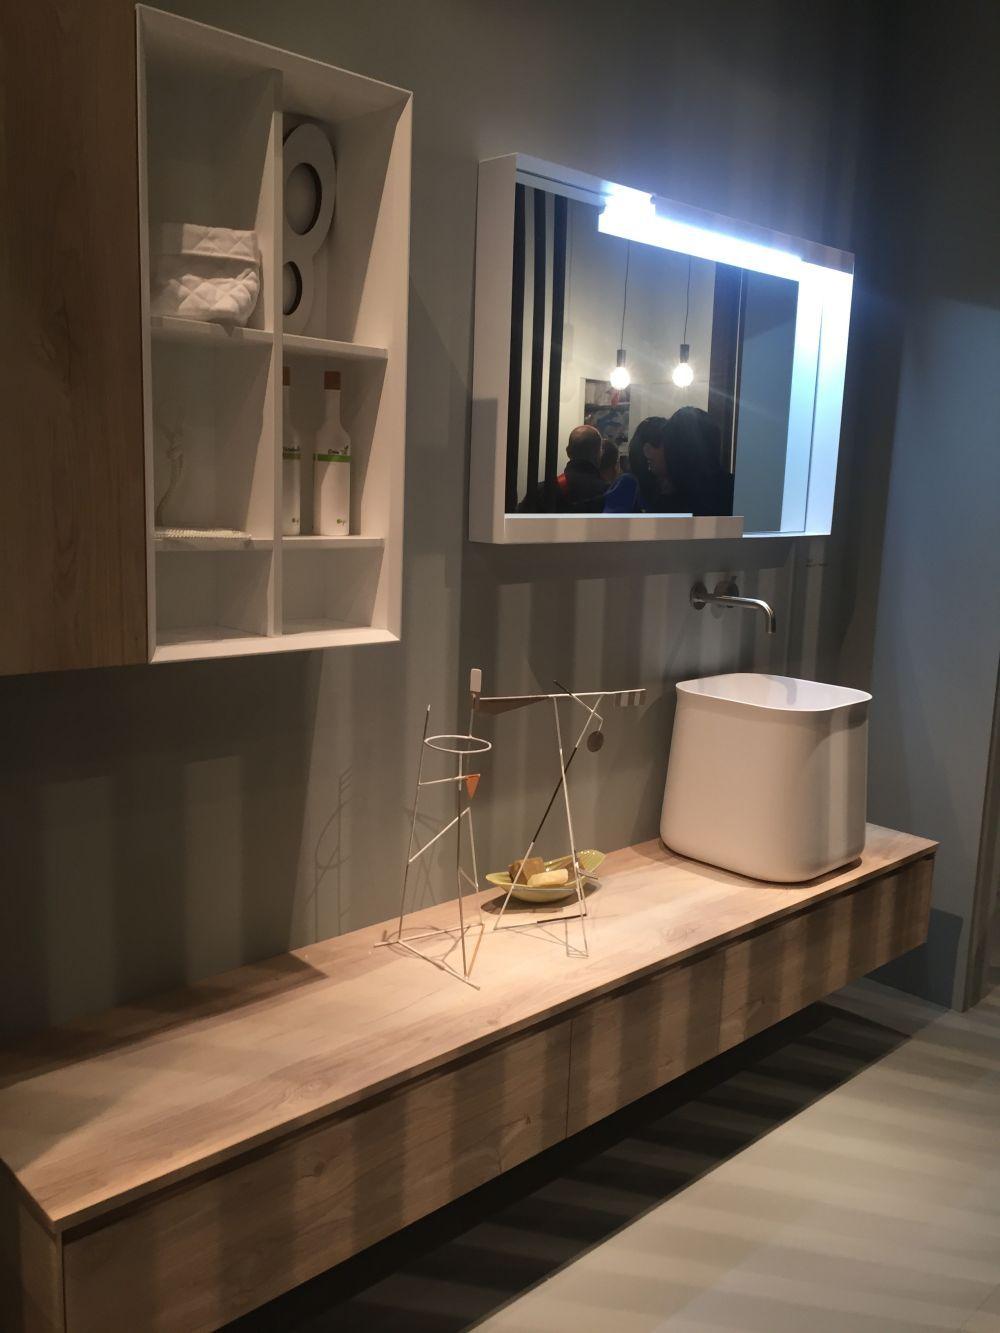 Schiff Sinkt Der Trend Der Nie Wegging Neu Dekoration 2018 Minimalistische Badgestaltung Modernes Badezimmerdesign Kleine Badezimmer Design